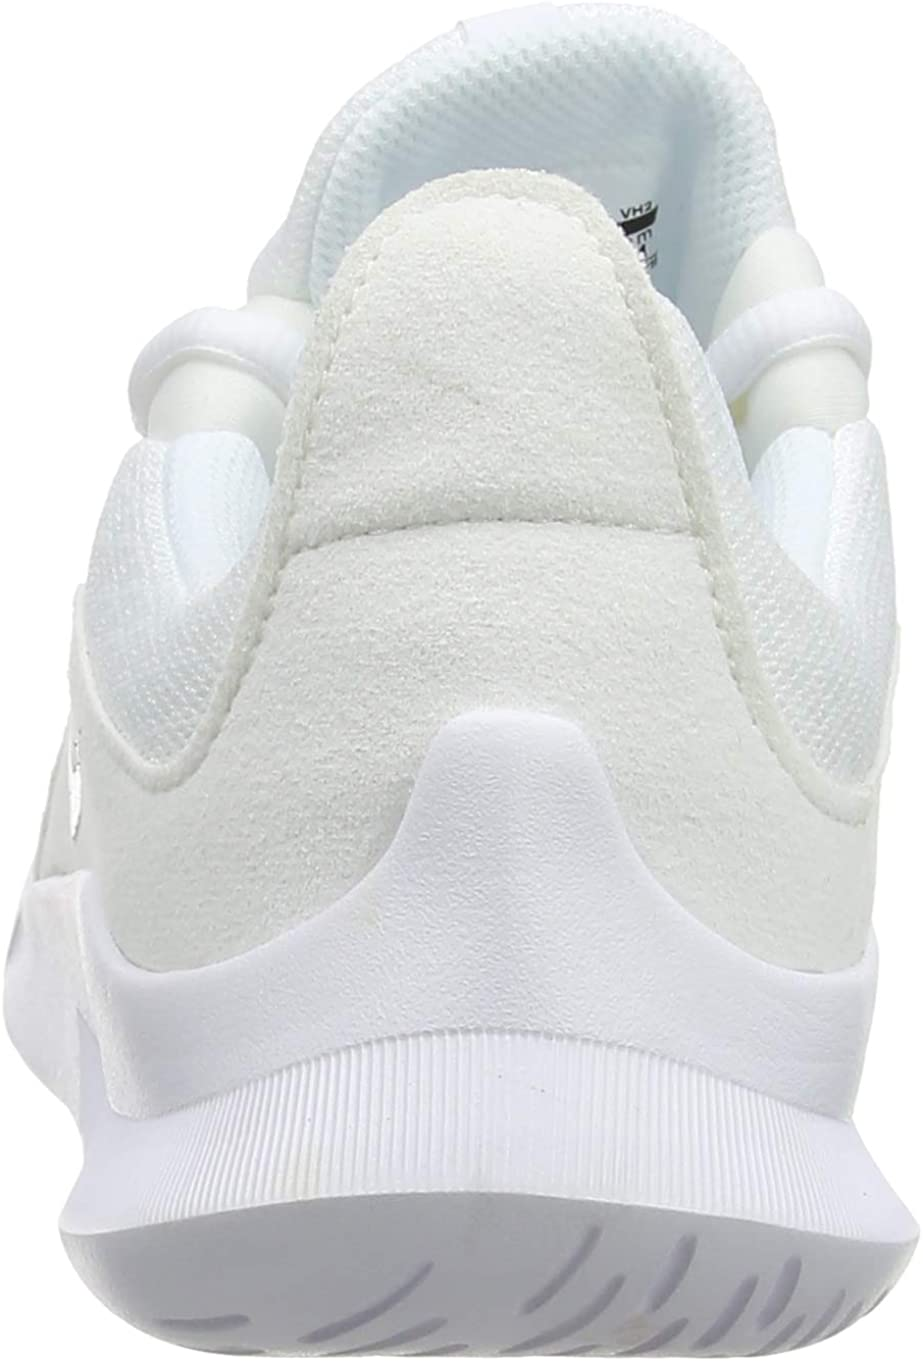 NIKE Viale, Zapatillas de Running para Mujer, Blanco White Black 100, 37 1/2 EU: Amazon.es: Zapatos y complementos